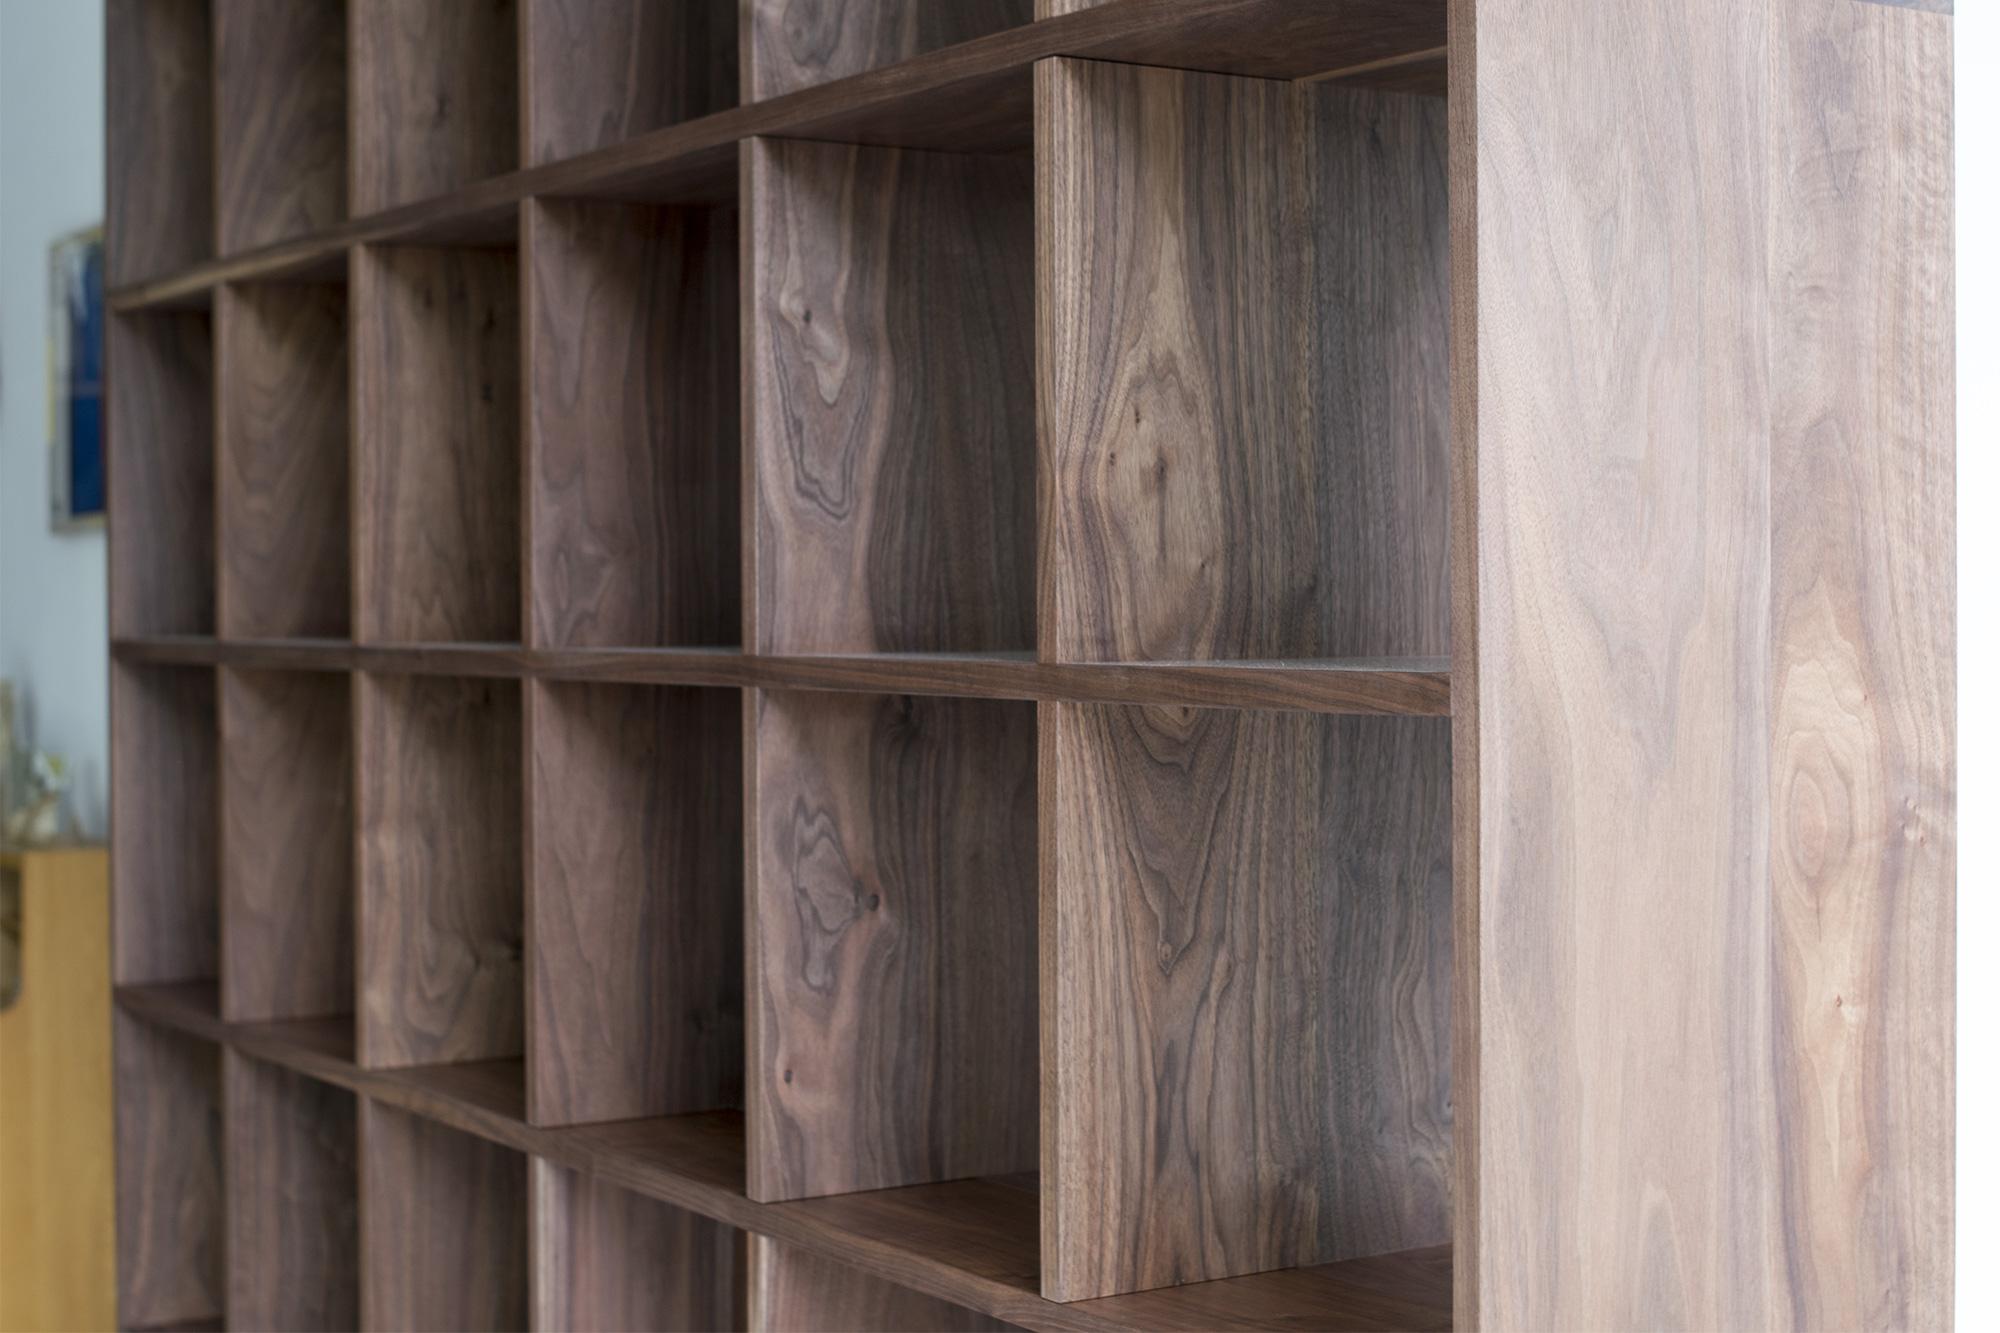 ウォールナット材で製作したTANA本棚